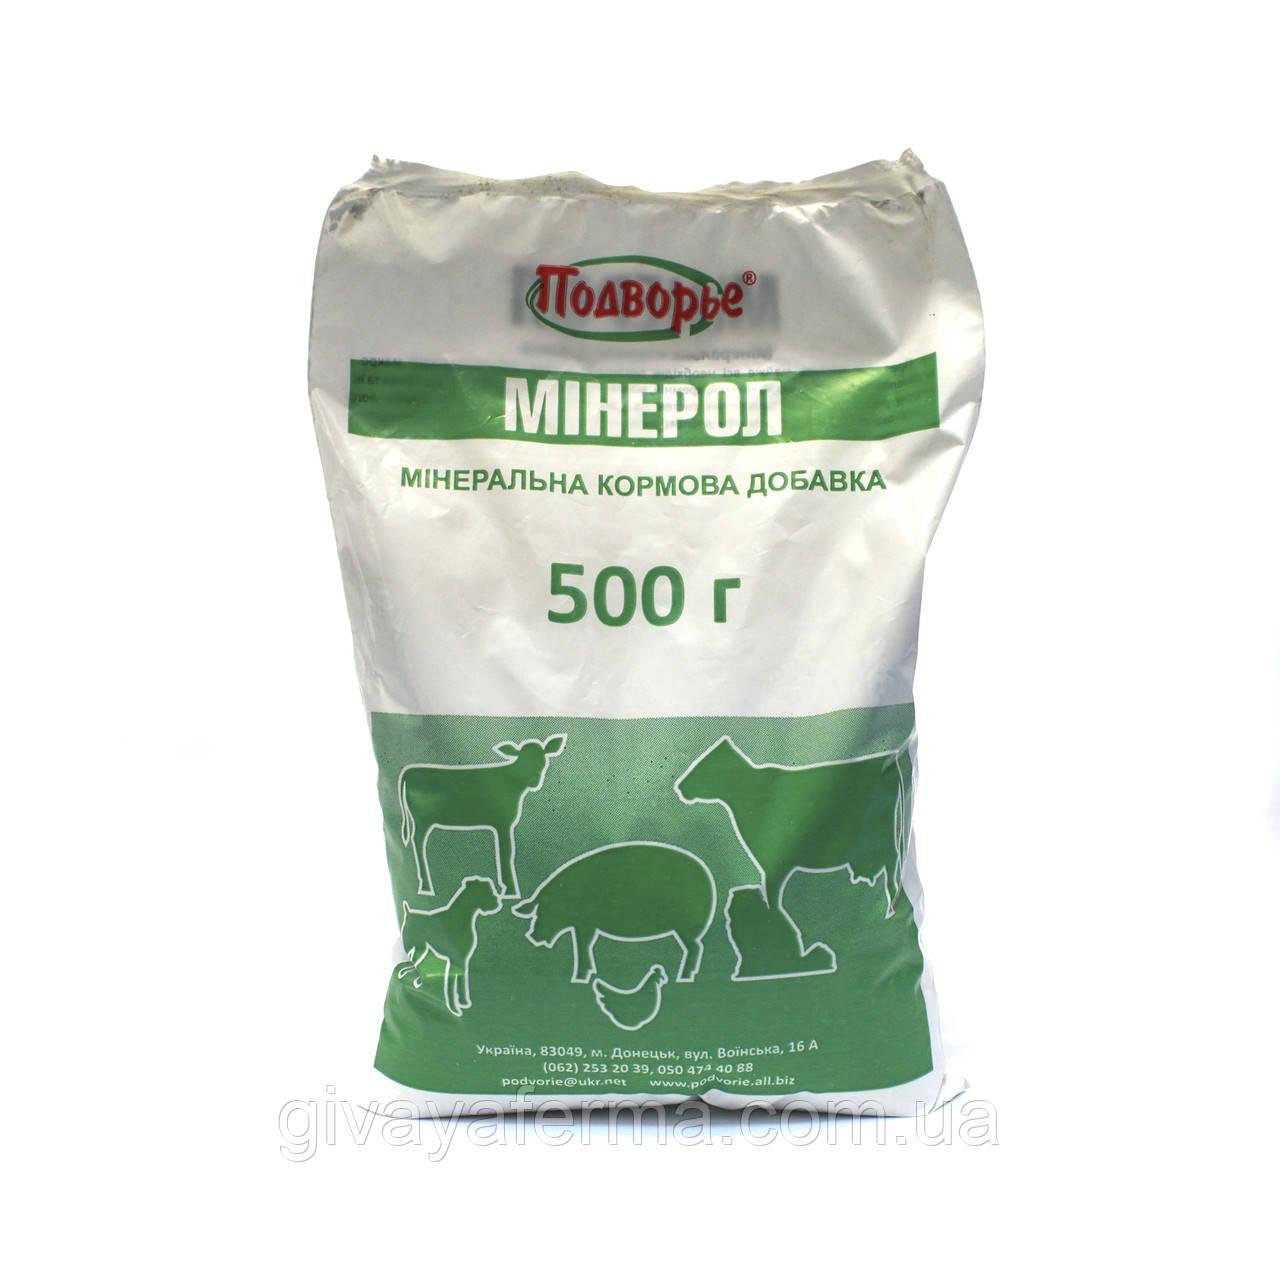 Минерол 500 гр, для животных и птицы, кормовая добавка